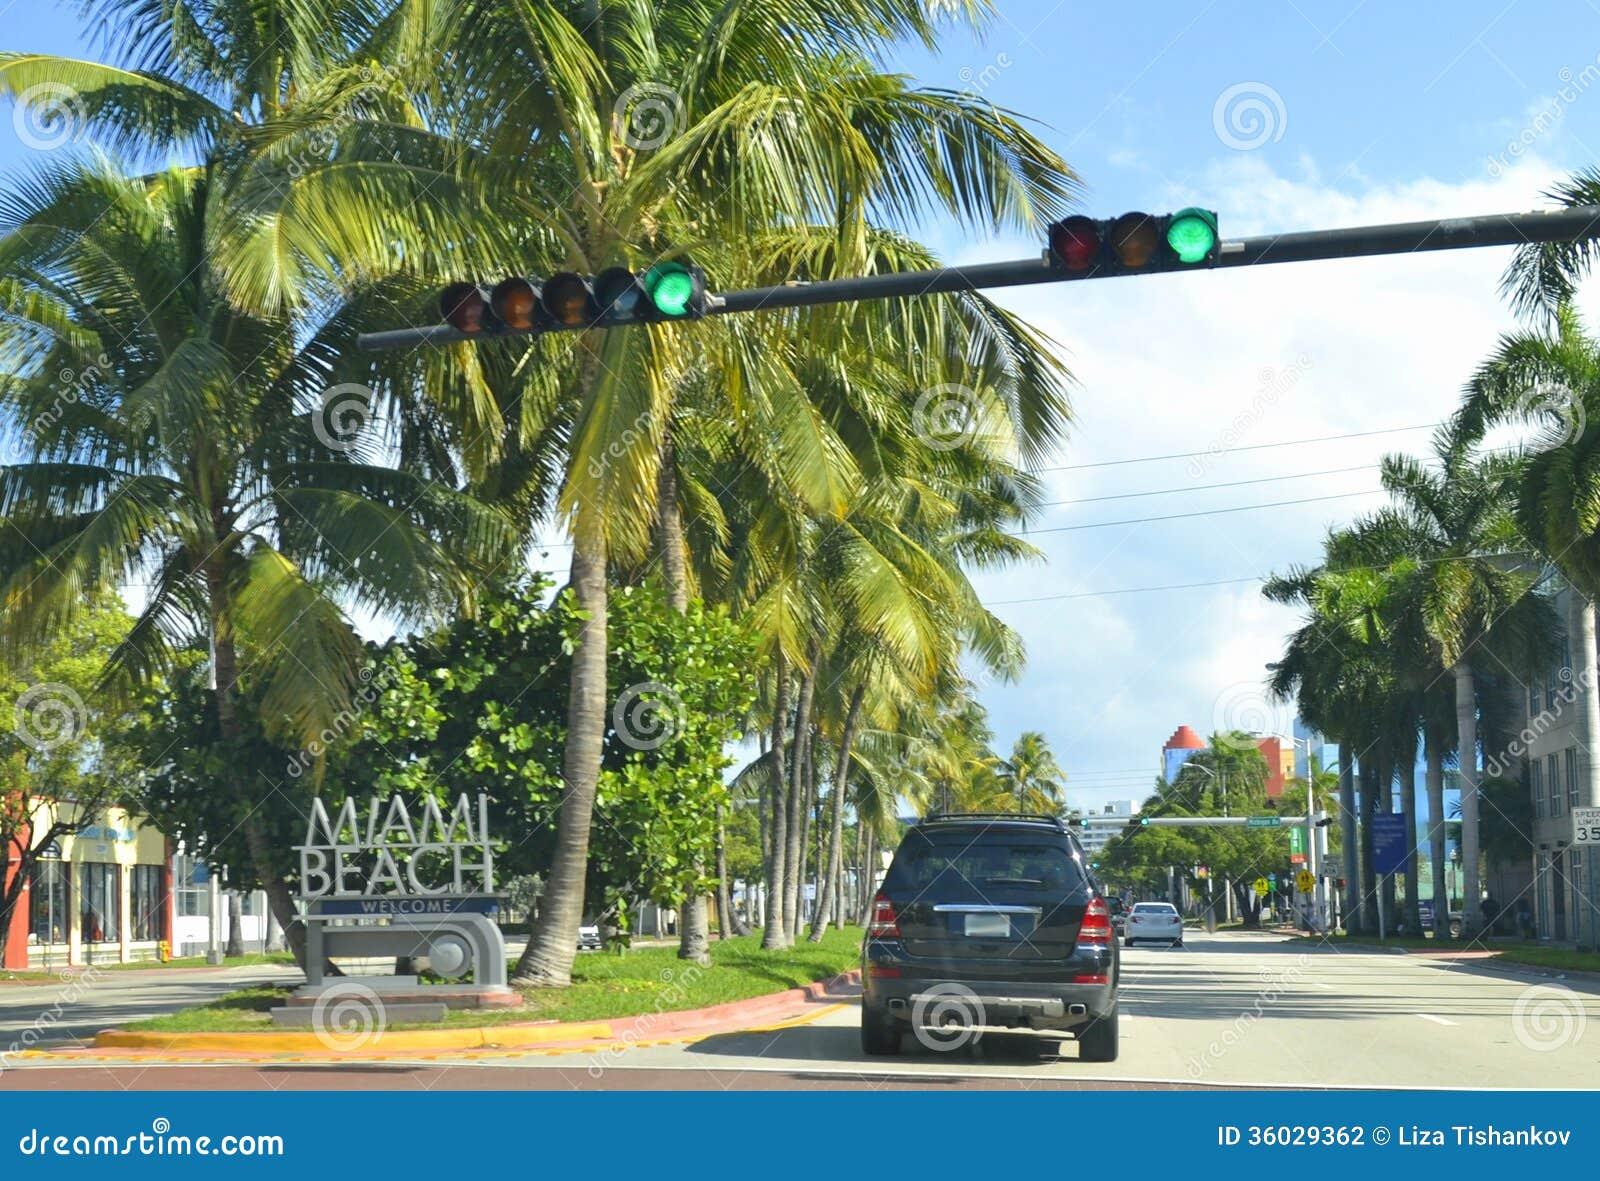 Th St Miami Beach